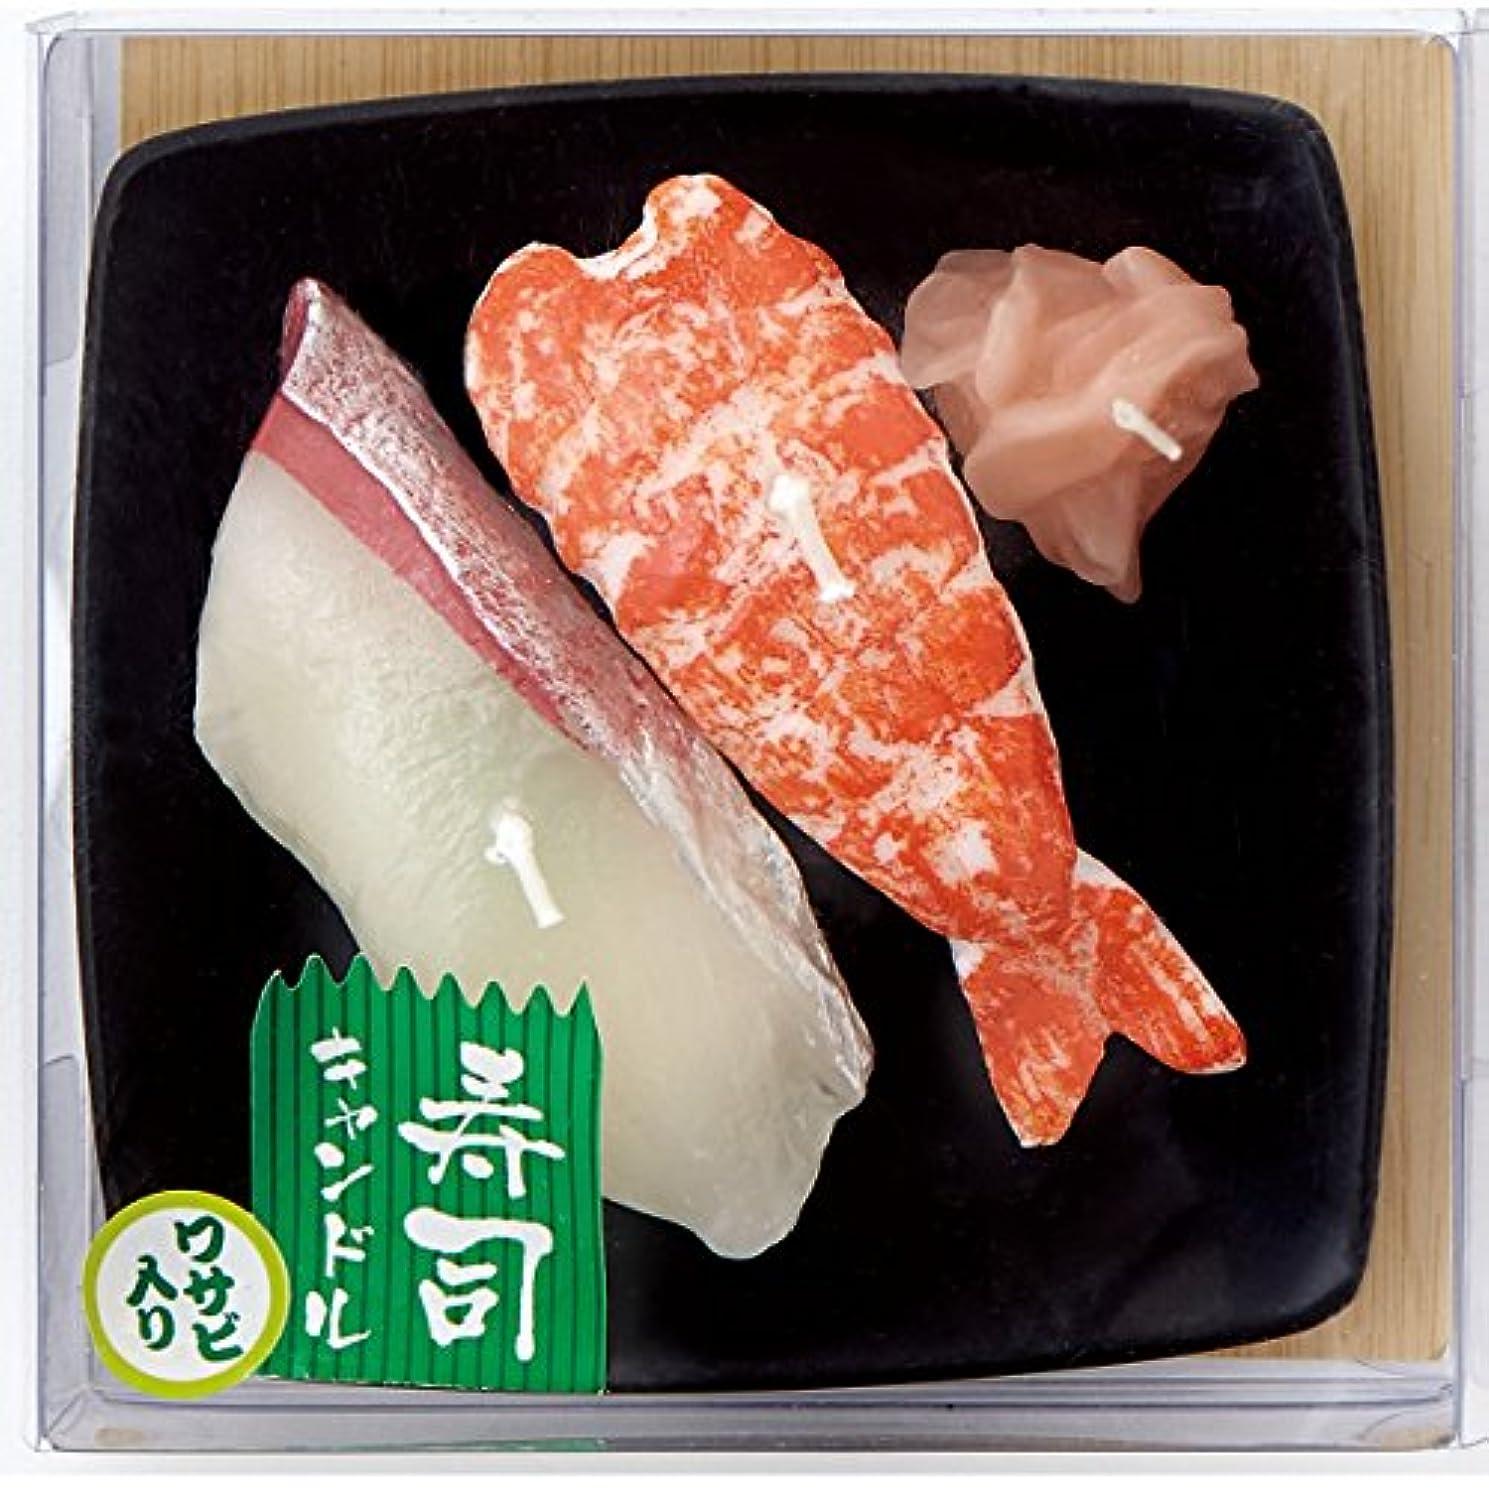 にじみ出るスナッチ正確な寿司キャンドル B(エビ?ハマチ) サビ入